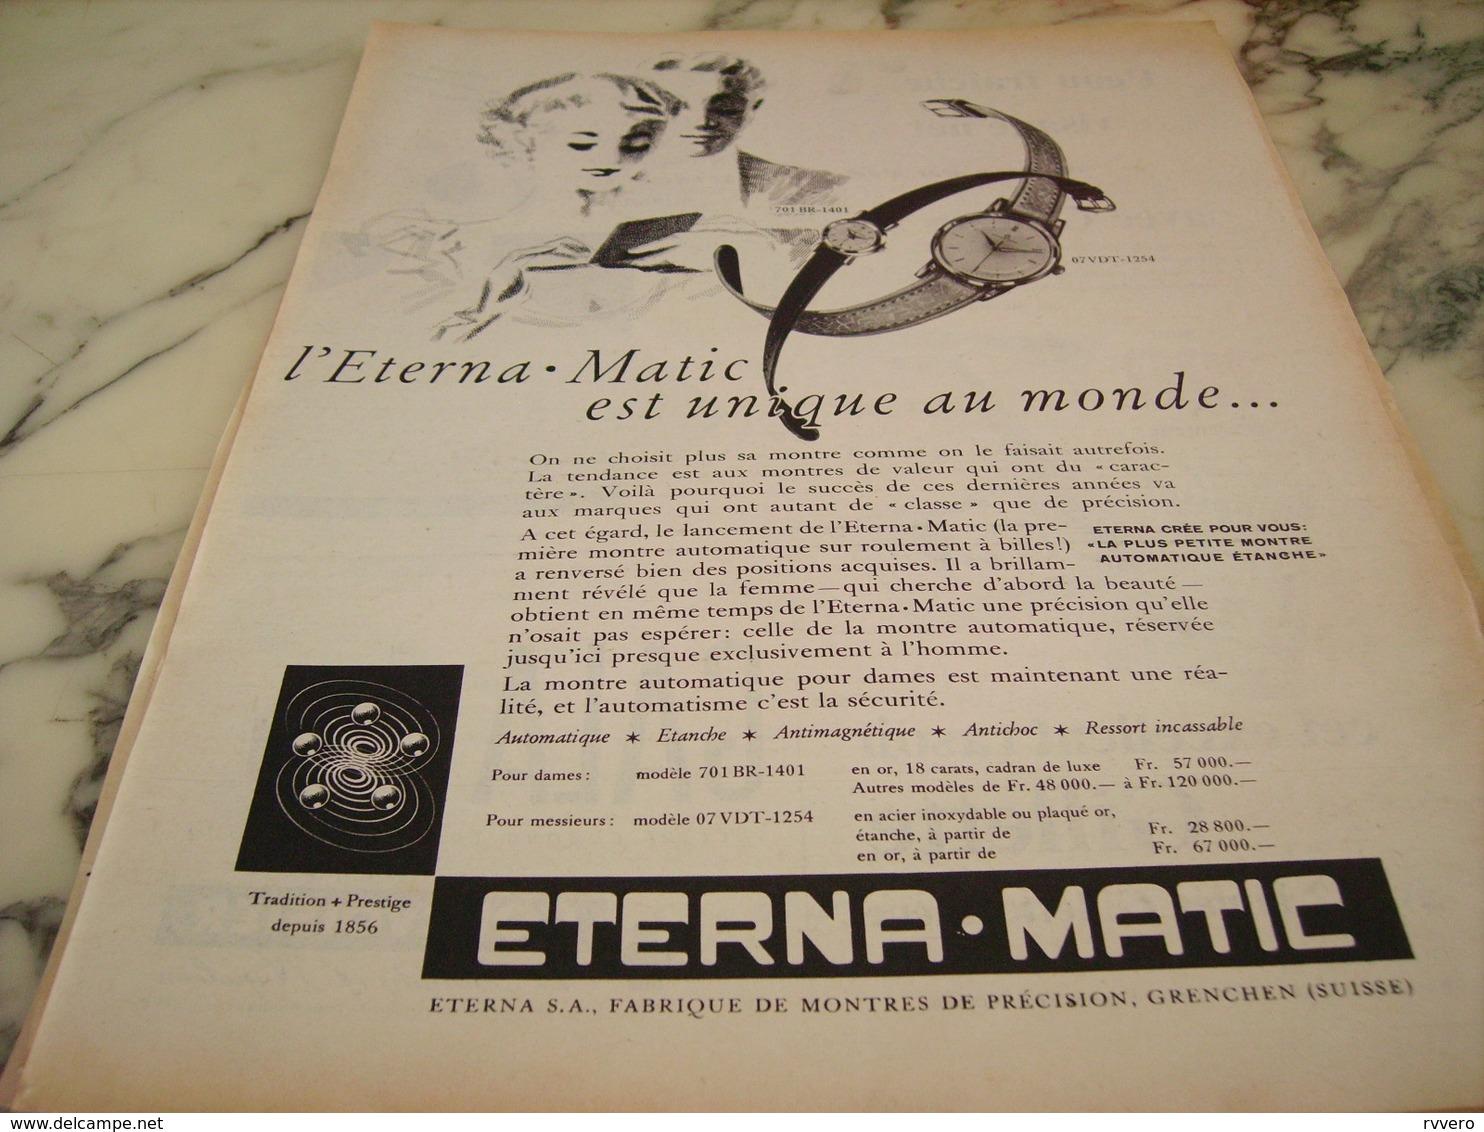 ANCIENNE PUBLICITE UNIQUE AU MONDE MONTRE ETERNA.MATIC 1955 - Bijoux & Horlogerie